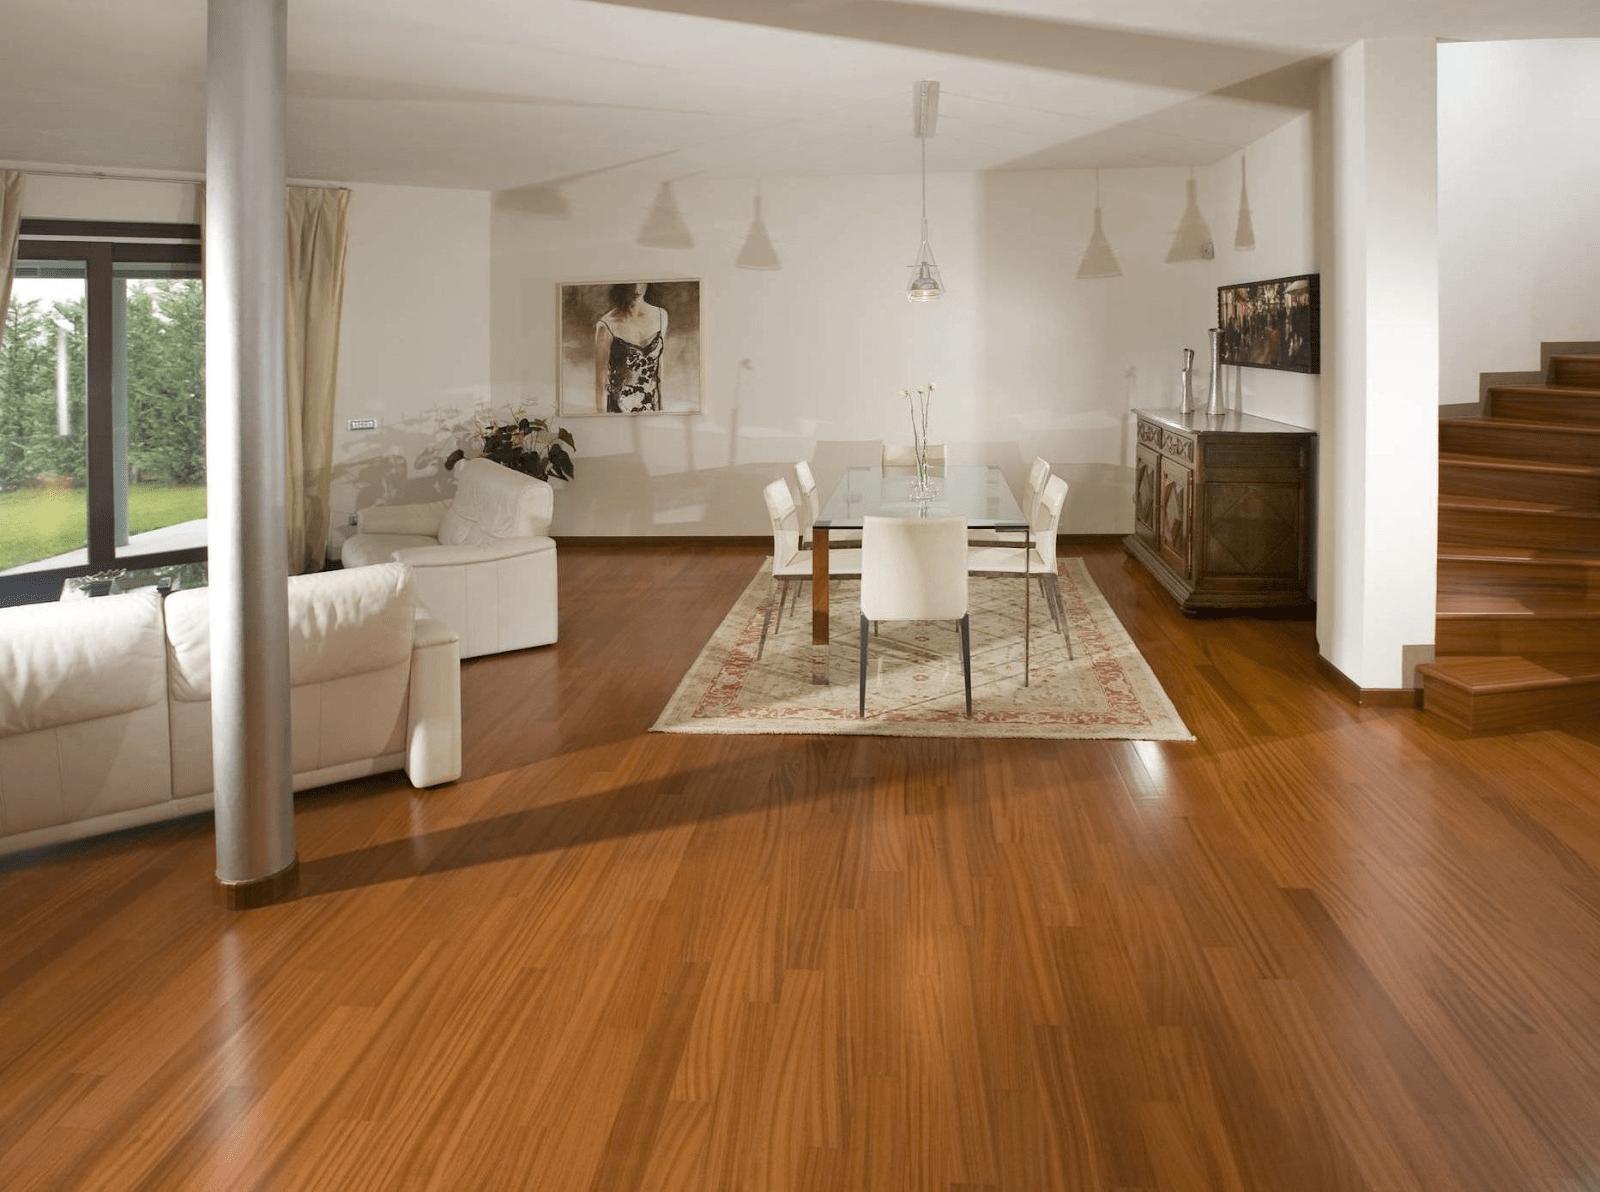 Sàn gỗ Teak là lựa chọn sàn hoàn hảo cho mọi ngôi nhà